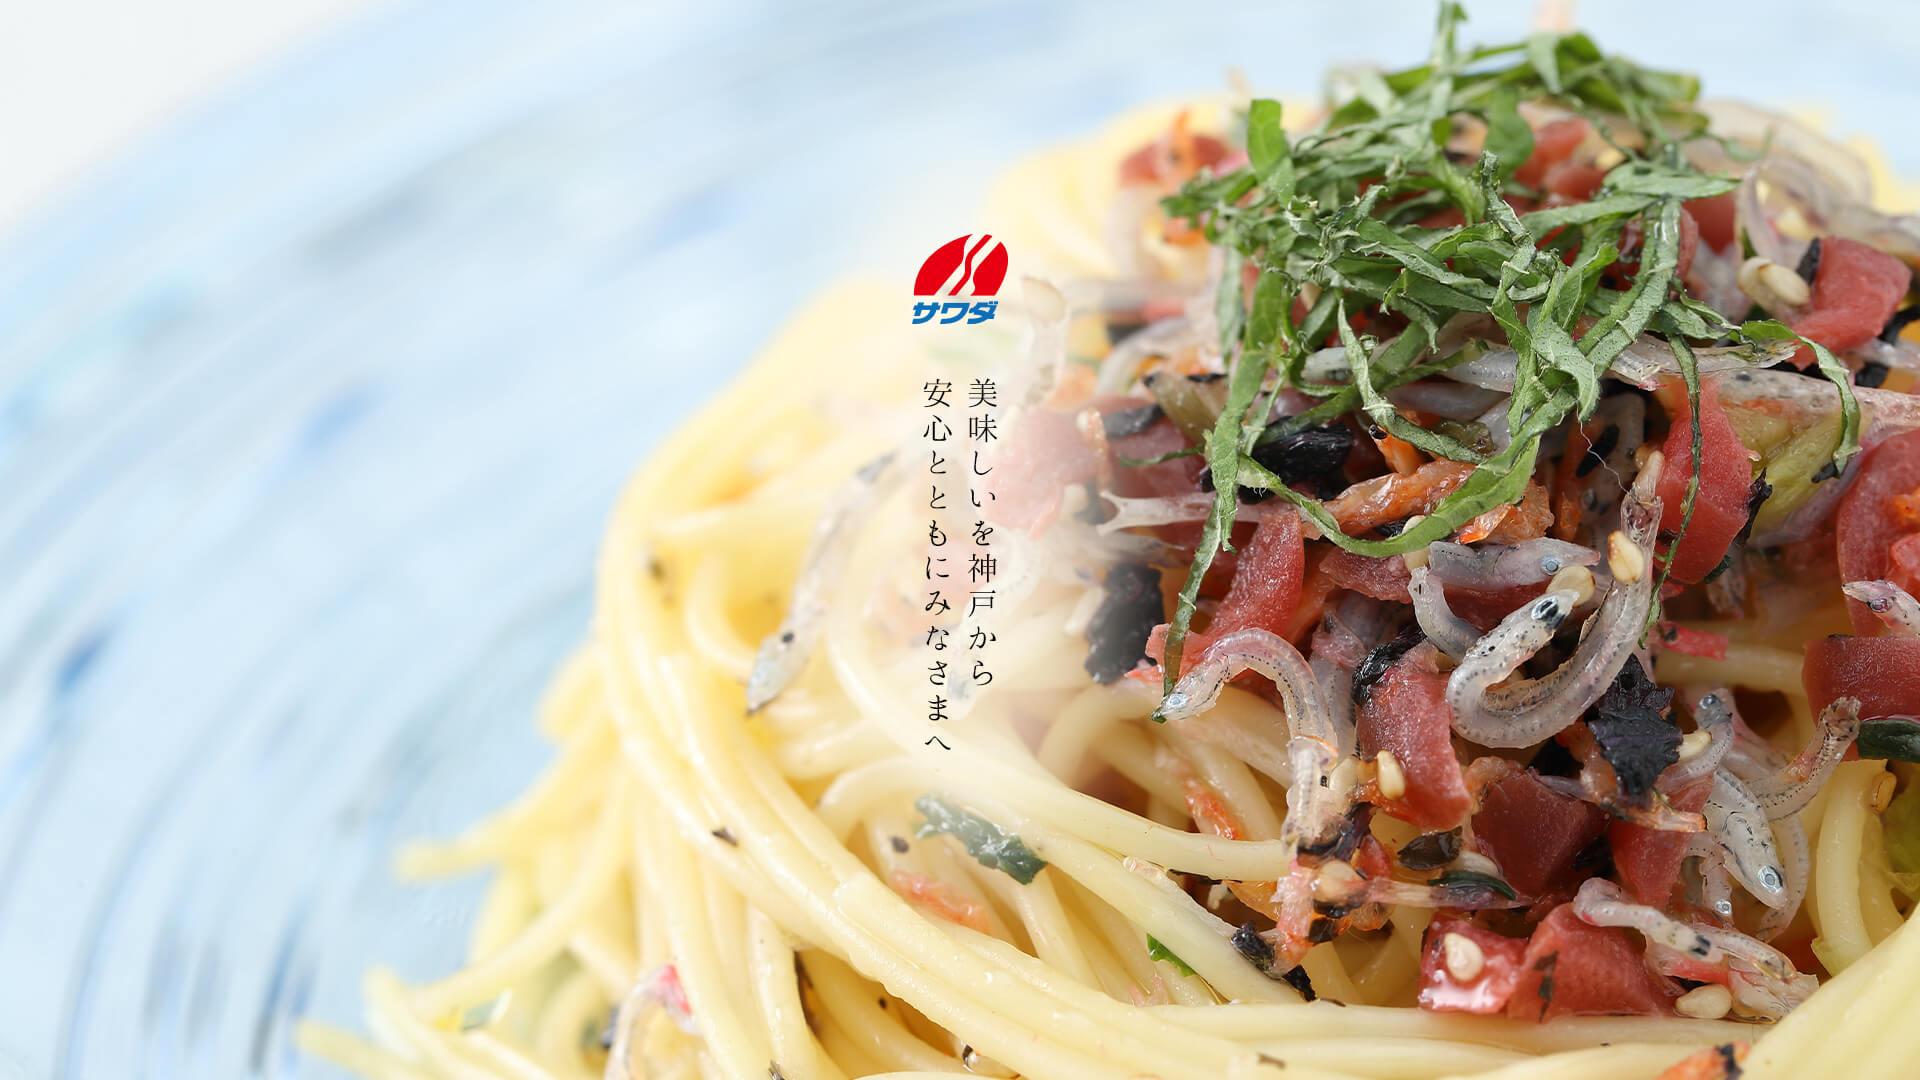 美味しいを神戸から 安心とともにみなさまへ